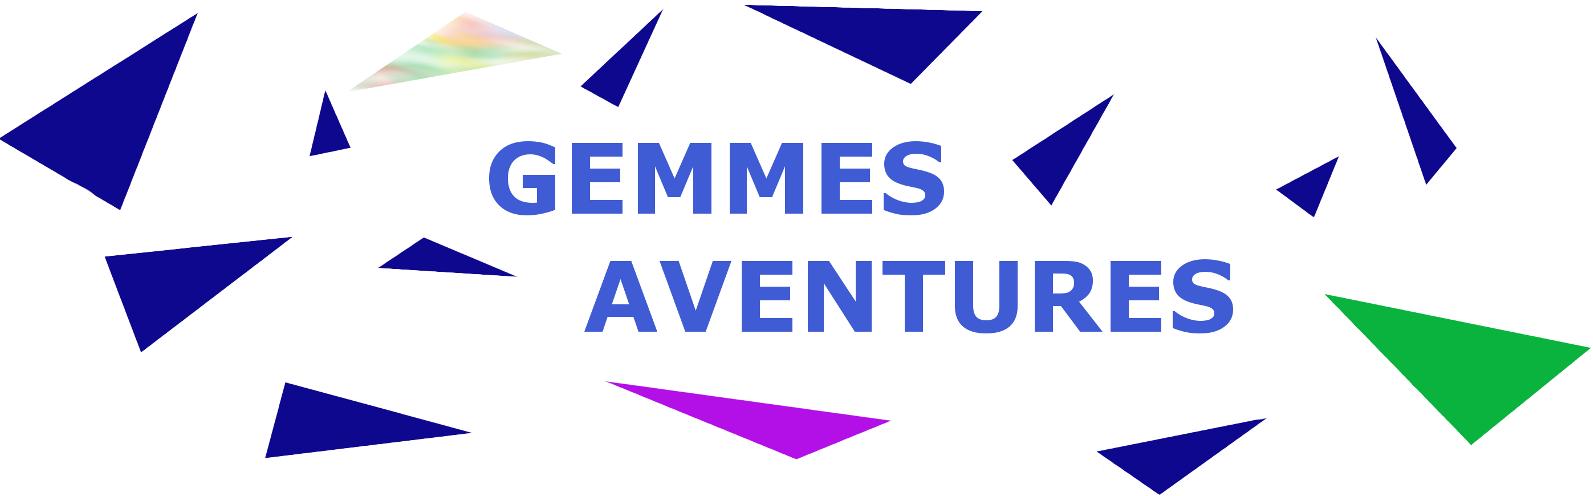 Gemmes Aventures